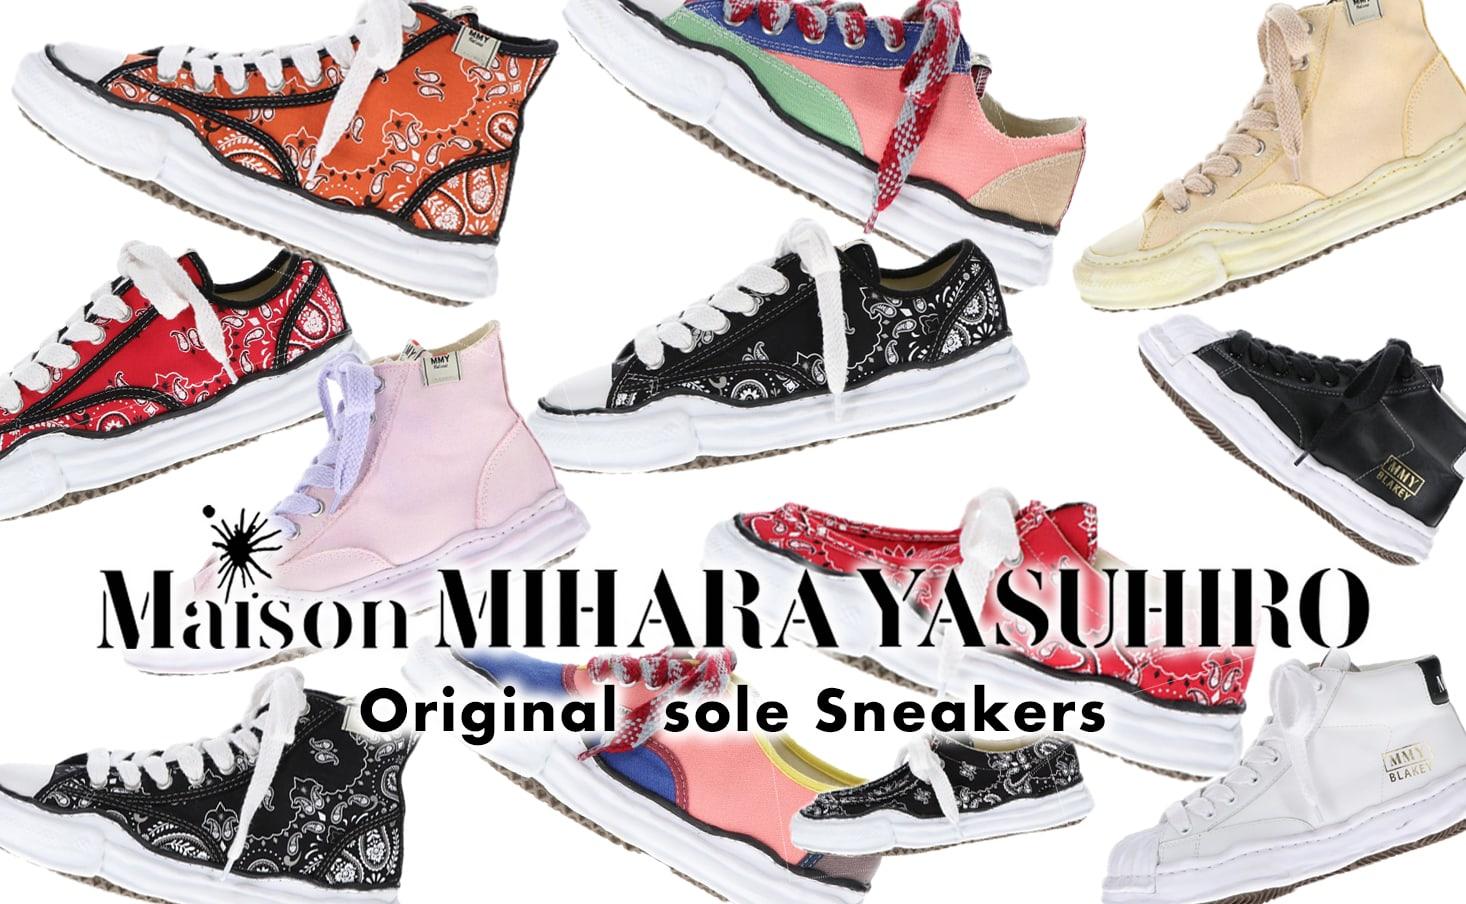 メゾン ミハラヤスヒロ / Maison MIHARAYASUHIRO